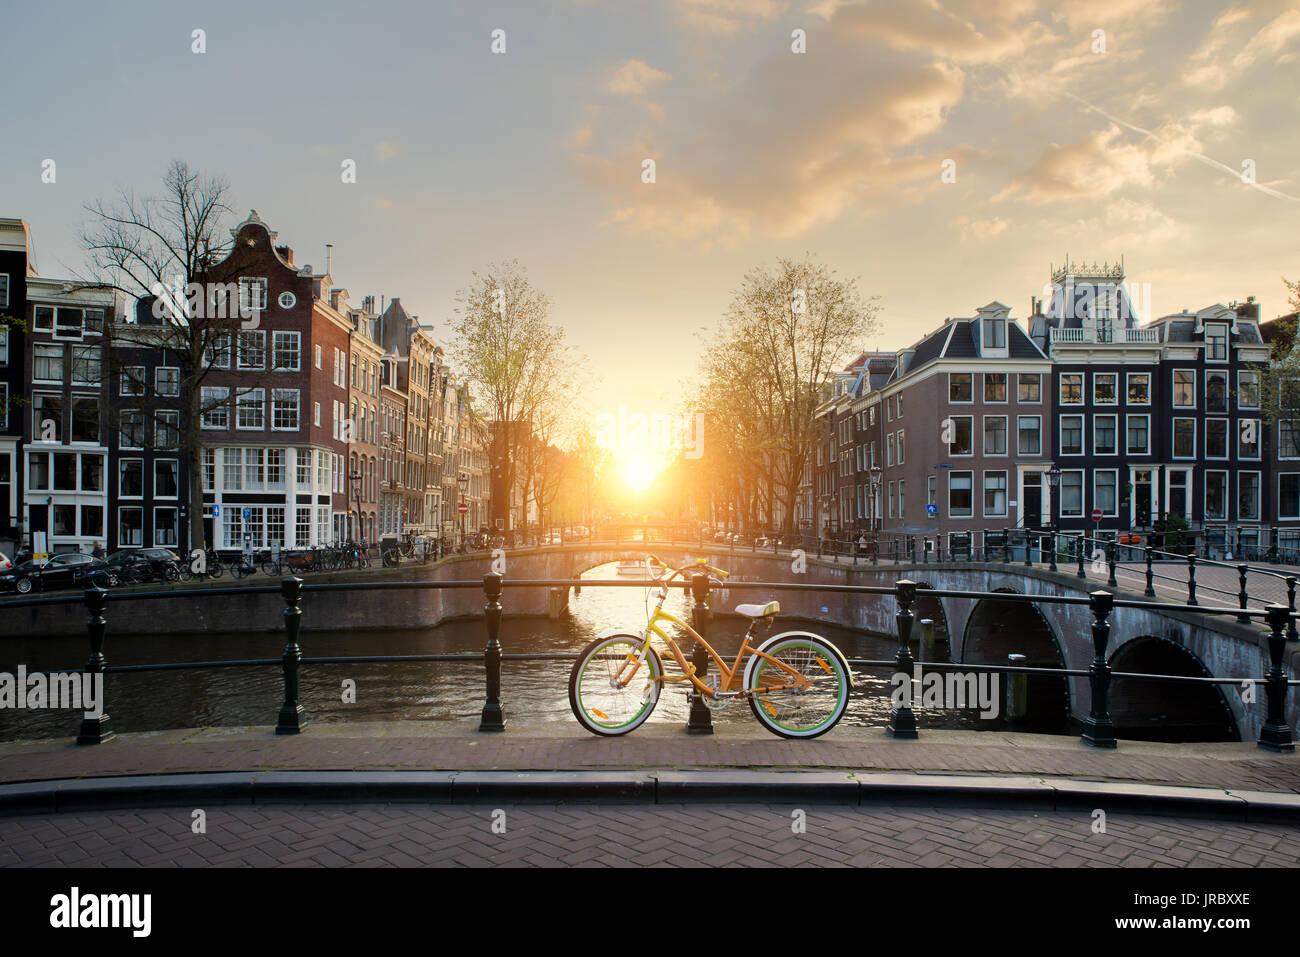 Doublure de bicyclettes un pont sur les canaux d'Amsterdam, Pays-Bas. Location est une forme importante de transport à Amsterdam, Pays-Bas. Banque D'Images